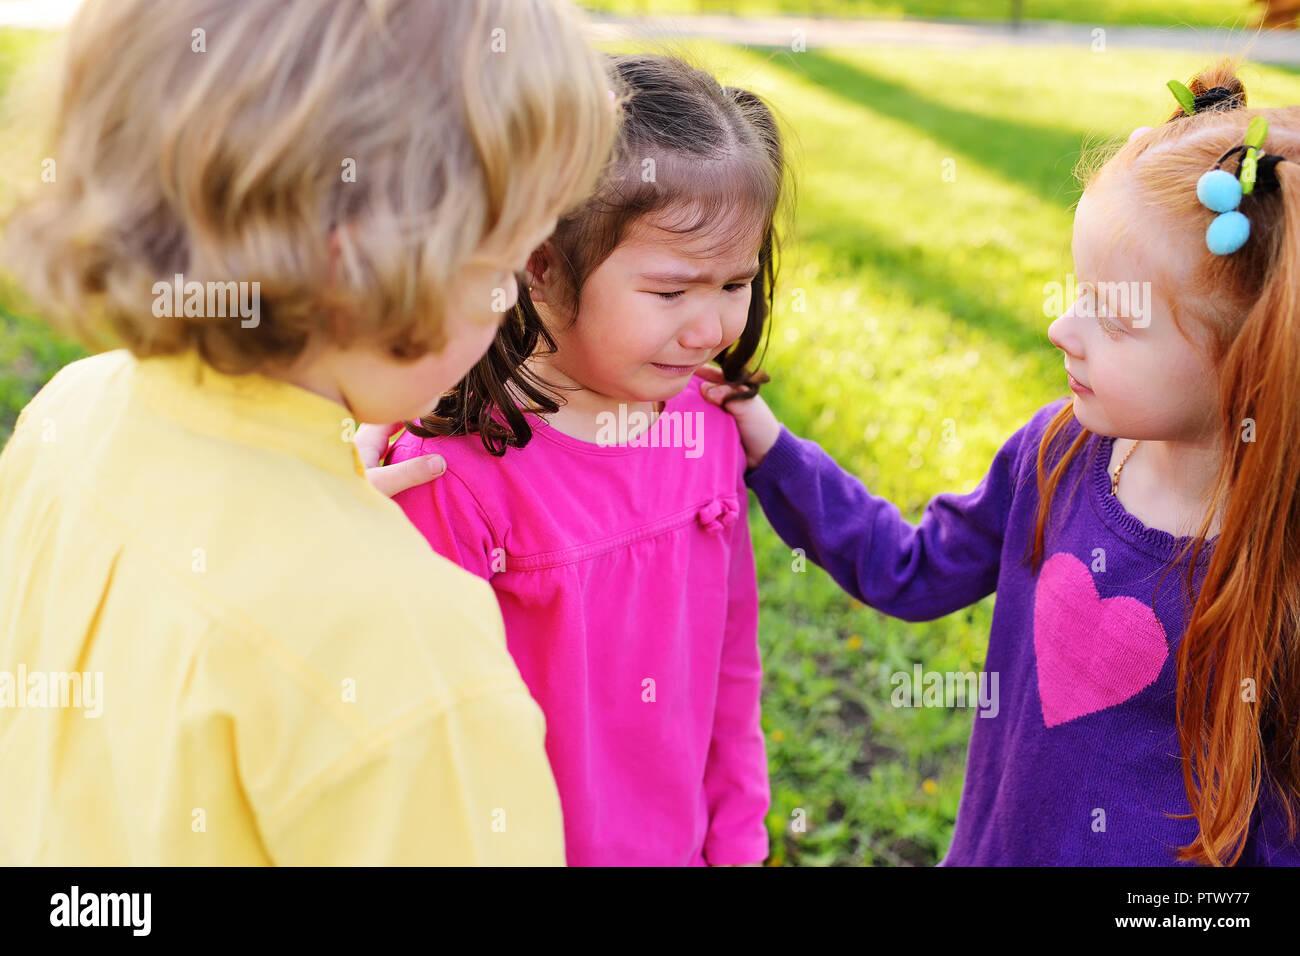 Los niños sienten compasión por una niña llorando. La infancia, los amigos, el llanto, la amistad, la compasión, los sentimientos de compasión Imagen De Stock